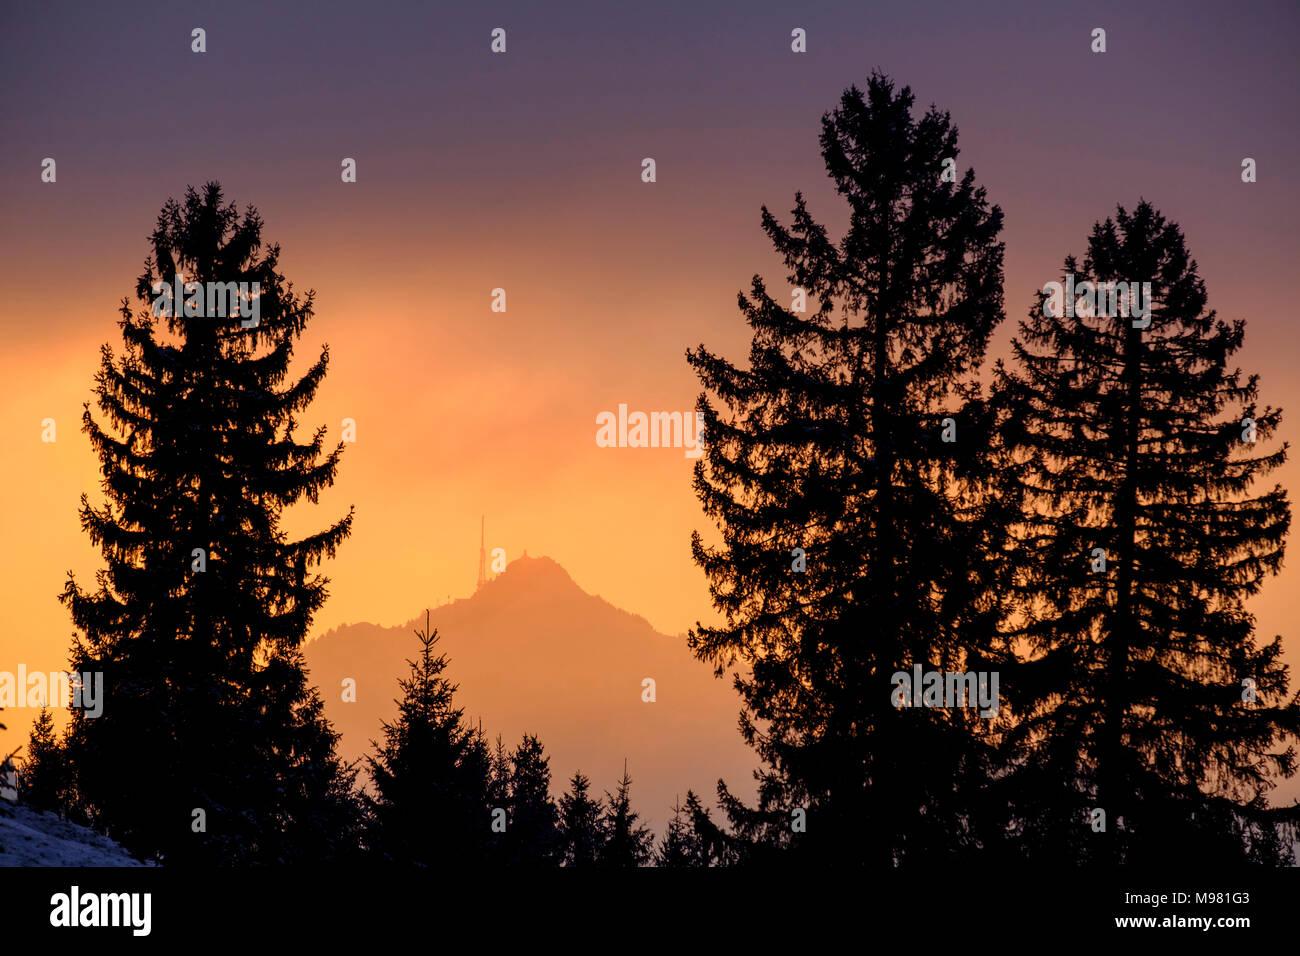 Grünten im Abendlicht vom Weg zwischen Hinterreute und Buronhütte bei Wertach, Bayrisch Schwaben, Bayern, Deutschland Stock Photo